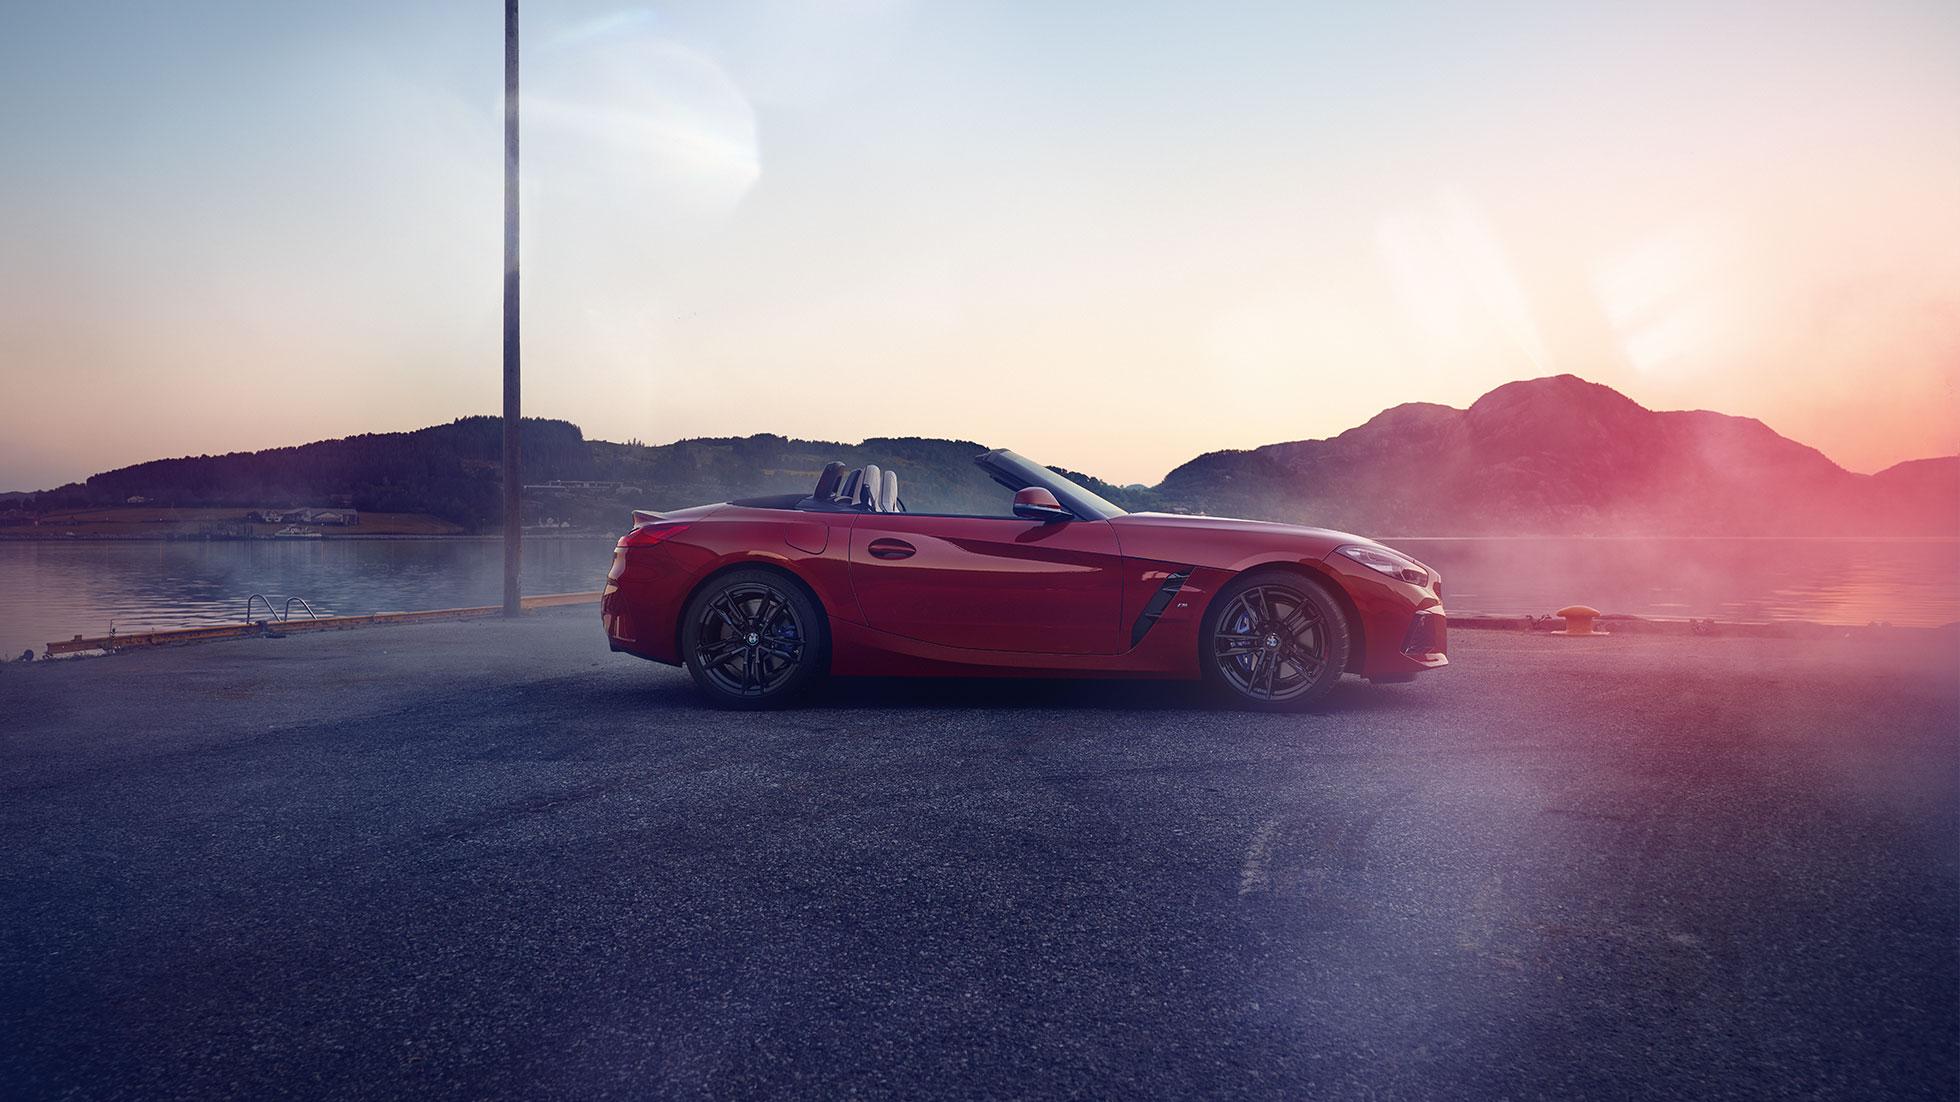 Vue de profil de la BMW Z4 Roadster devant un panorama de montagnes